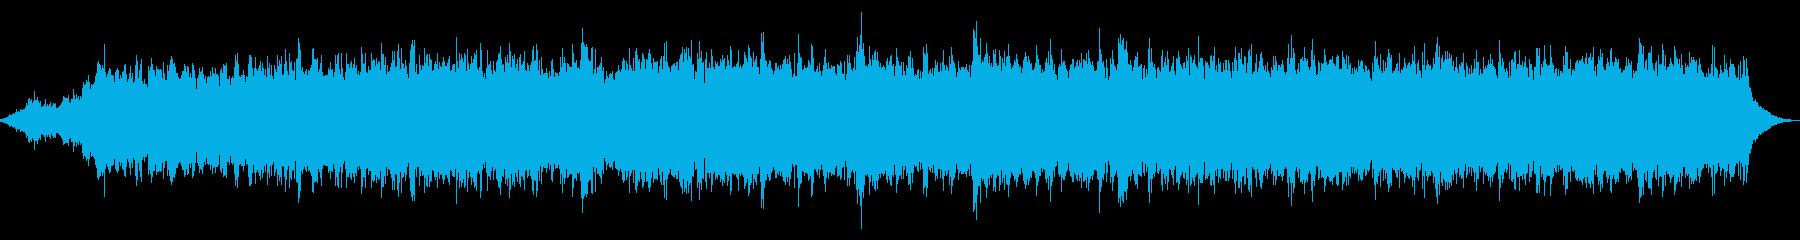 オカルトテイストのホラーアンビエントの再生済みの波形